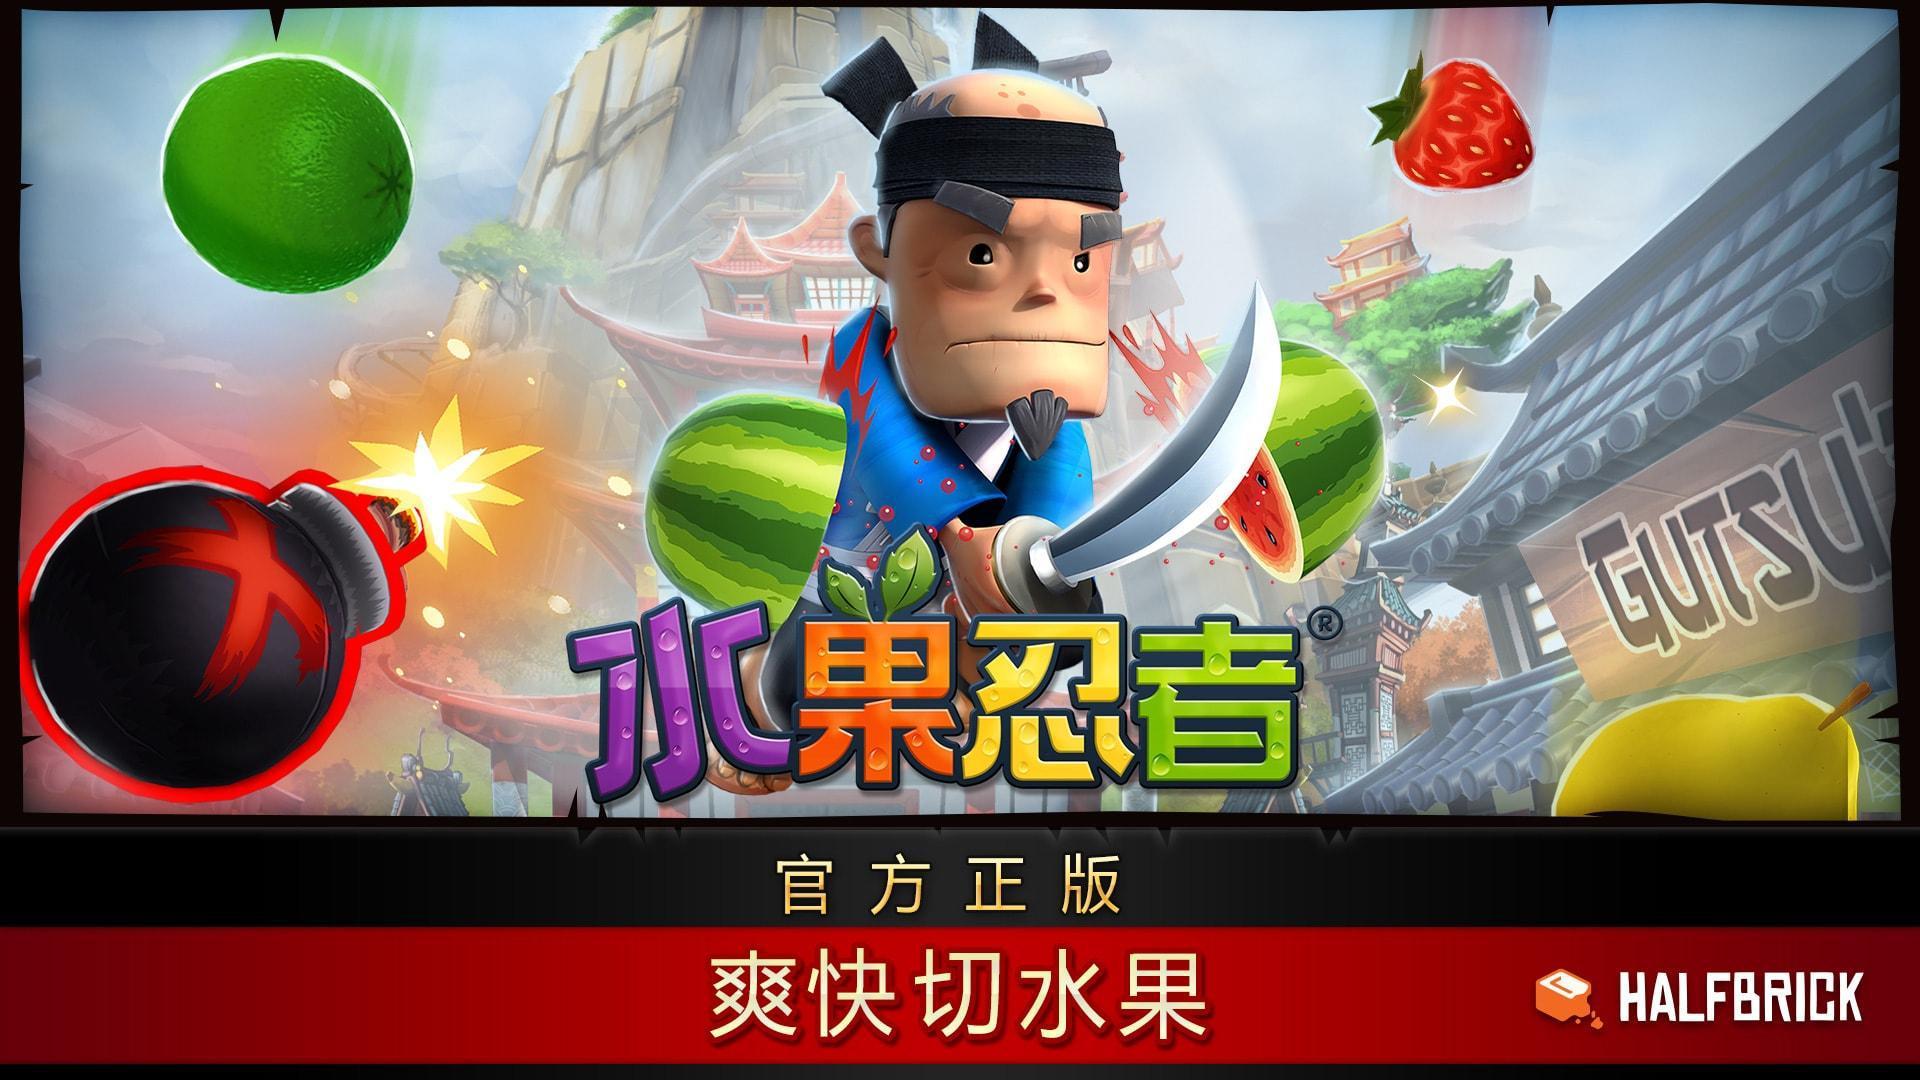 水果忍者® - 爽快切水果 游戏截图1